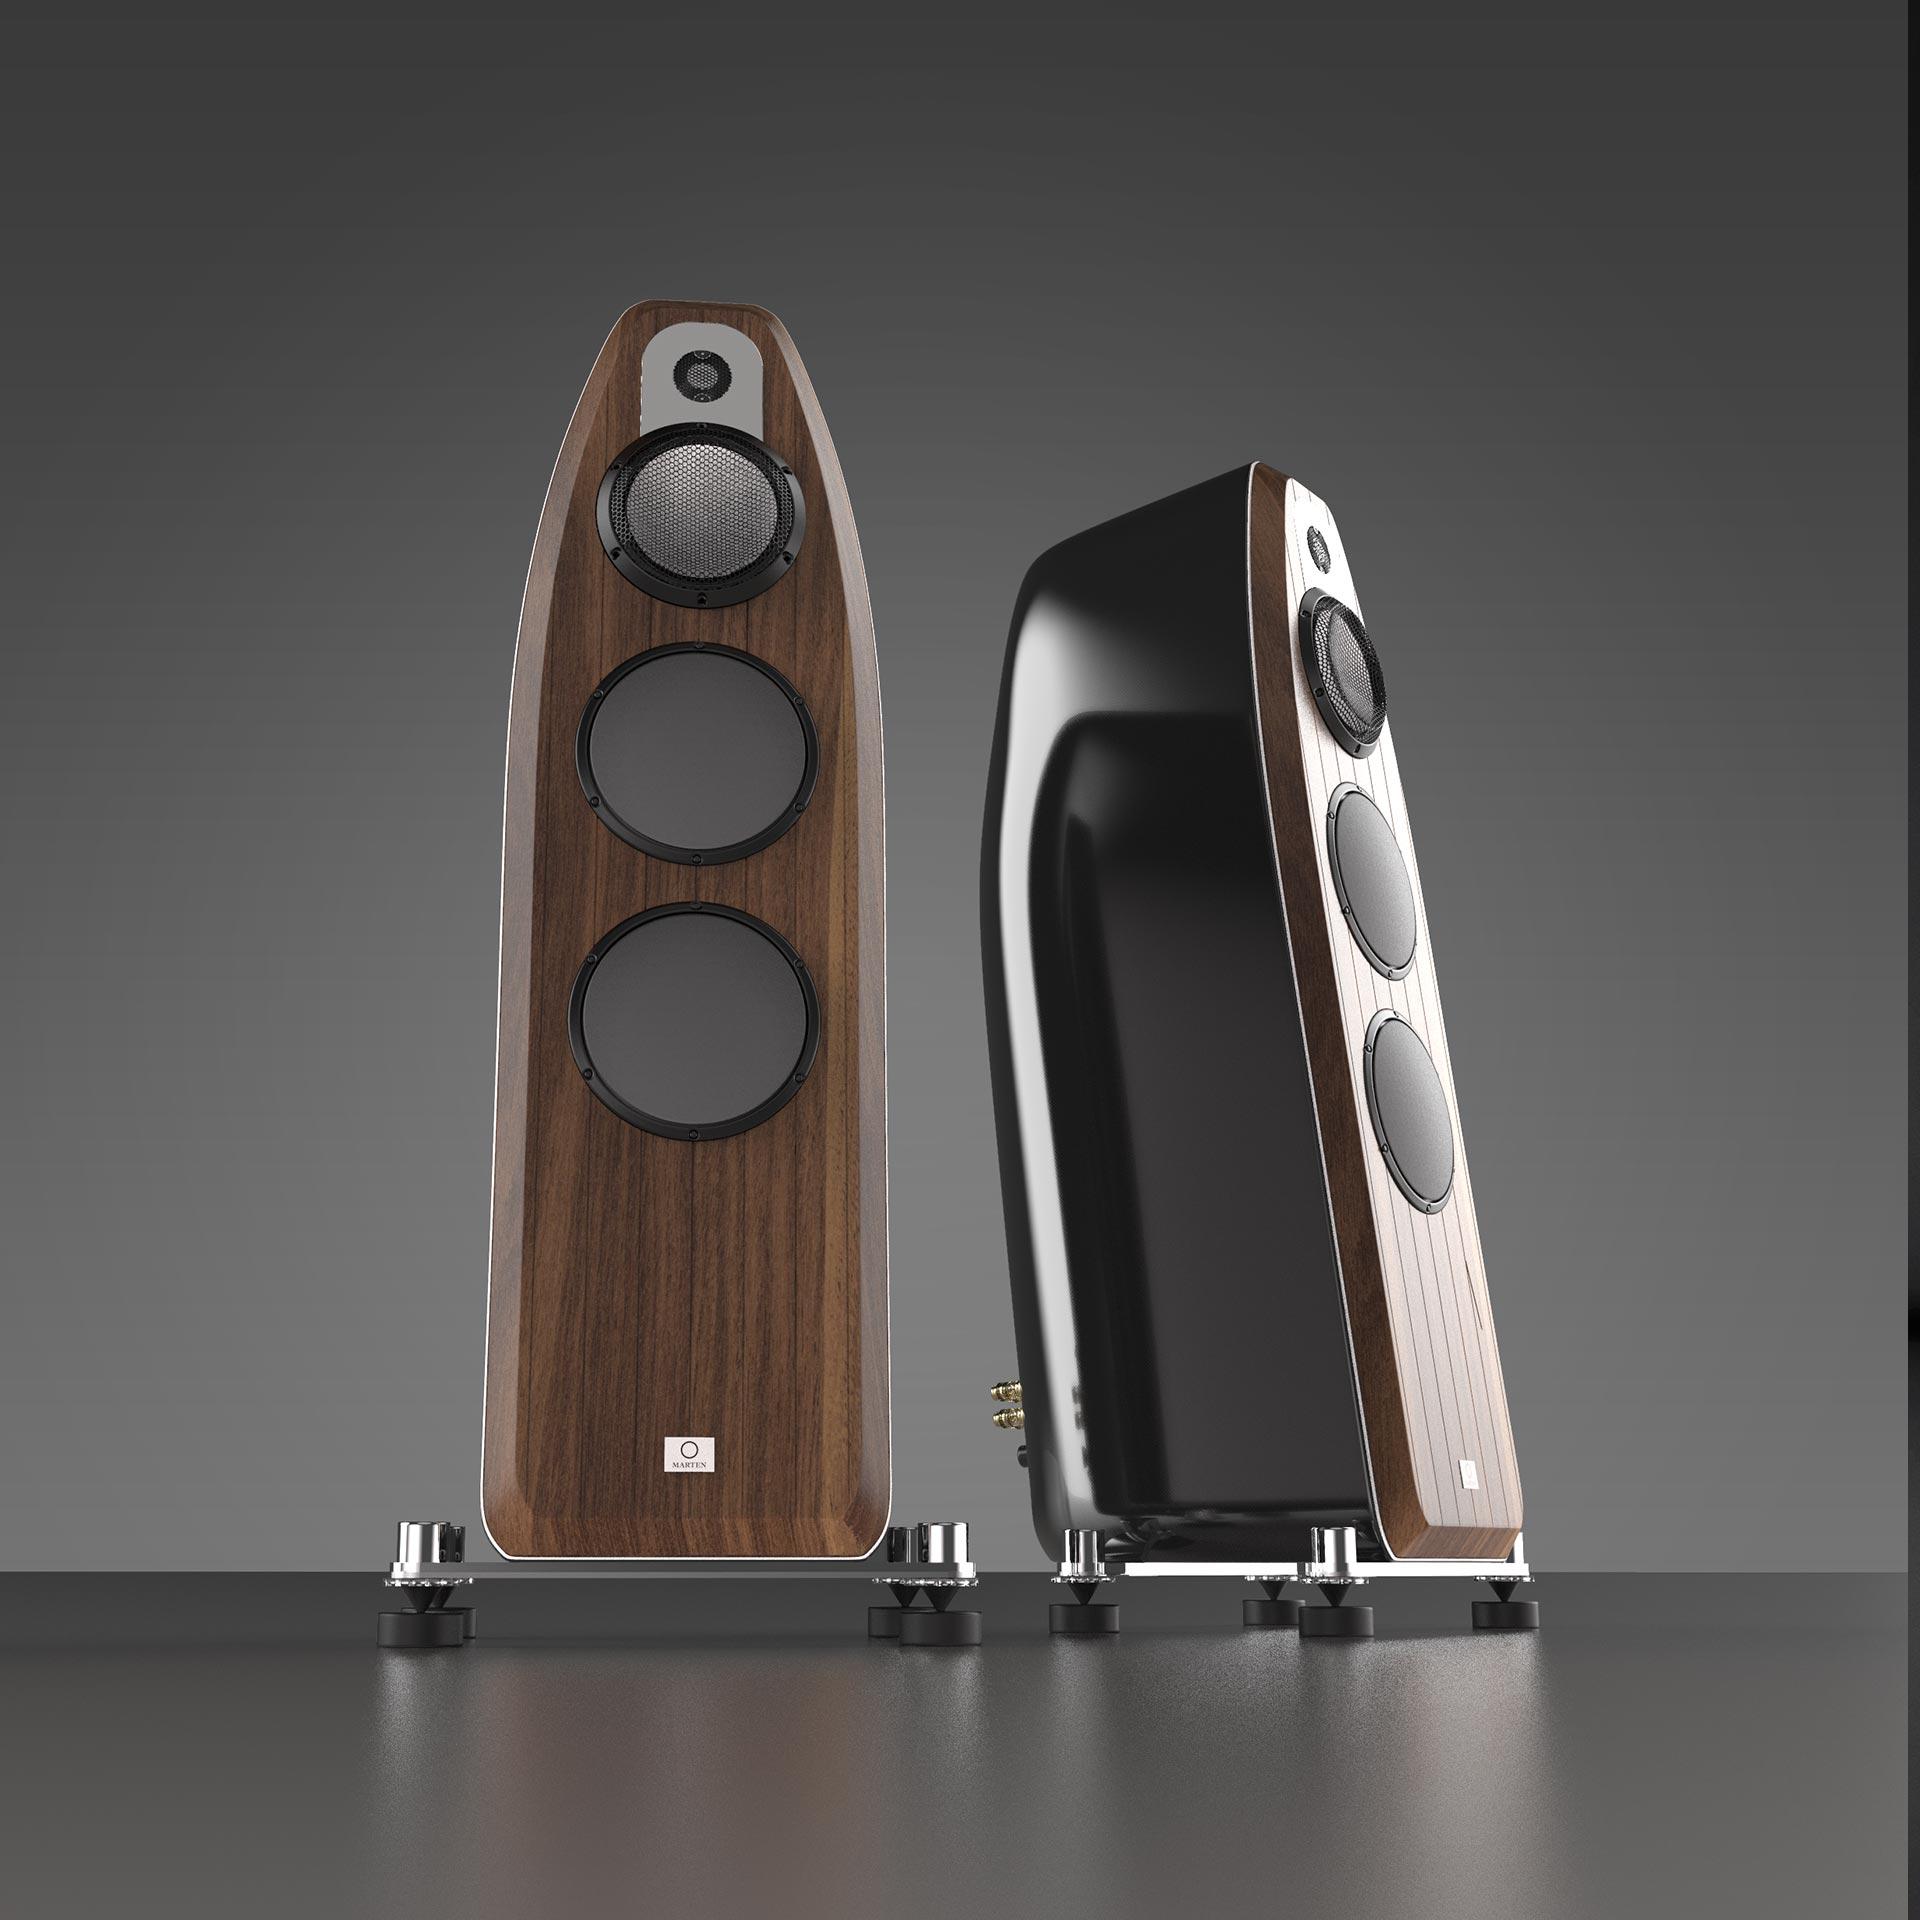 Marten Tenor 2 Speakers